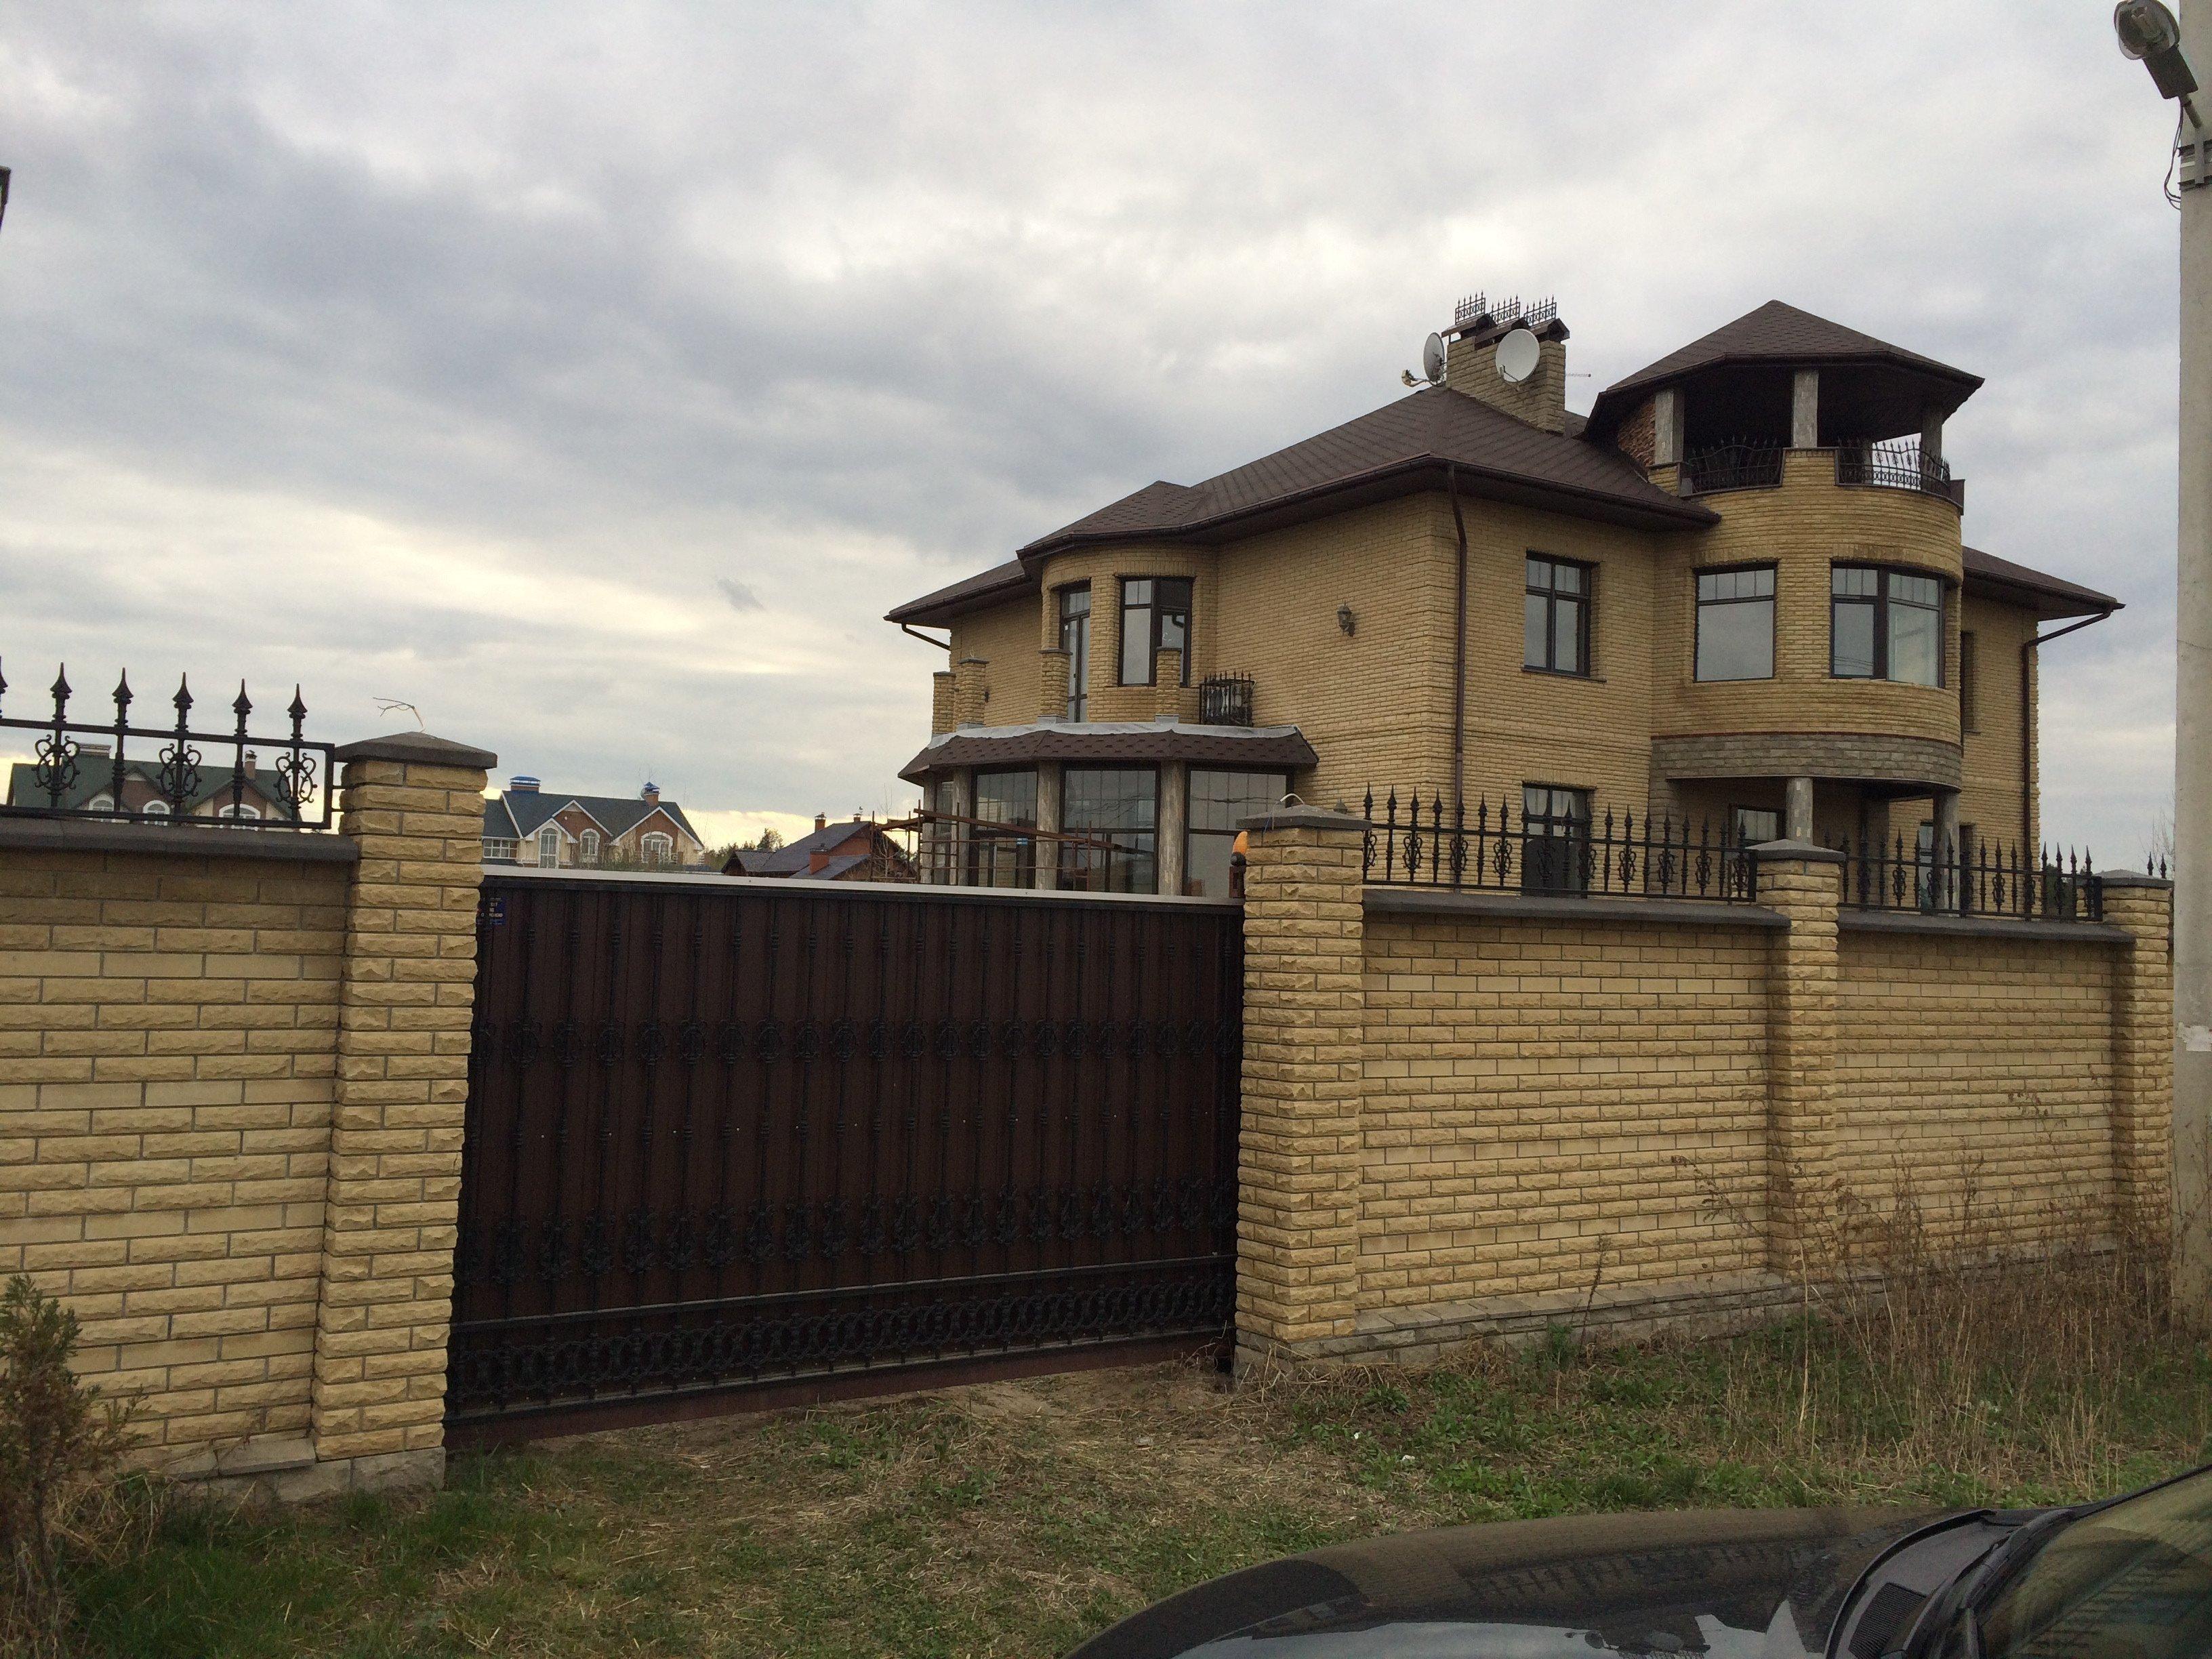 Фото: Продам дом в городе Ходосовка. Объявление № 4410